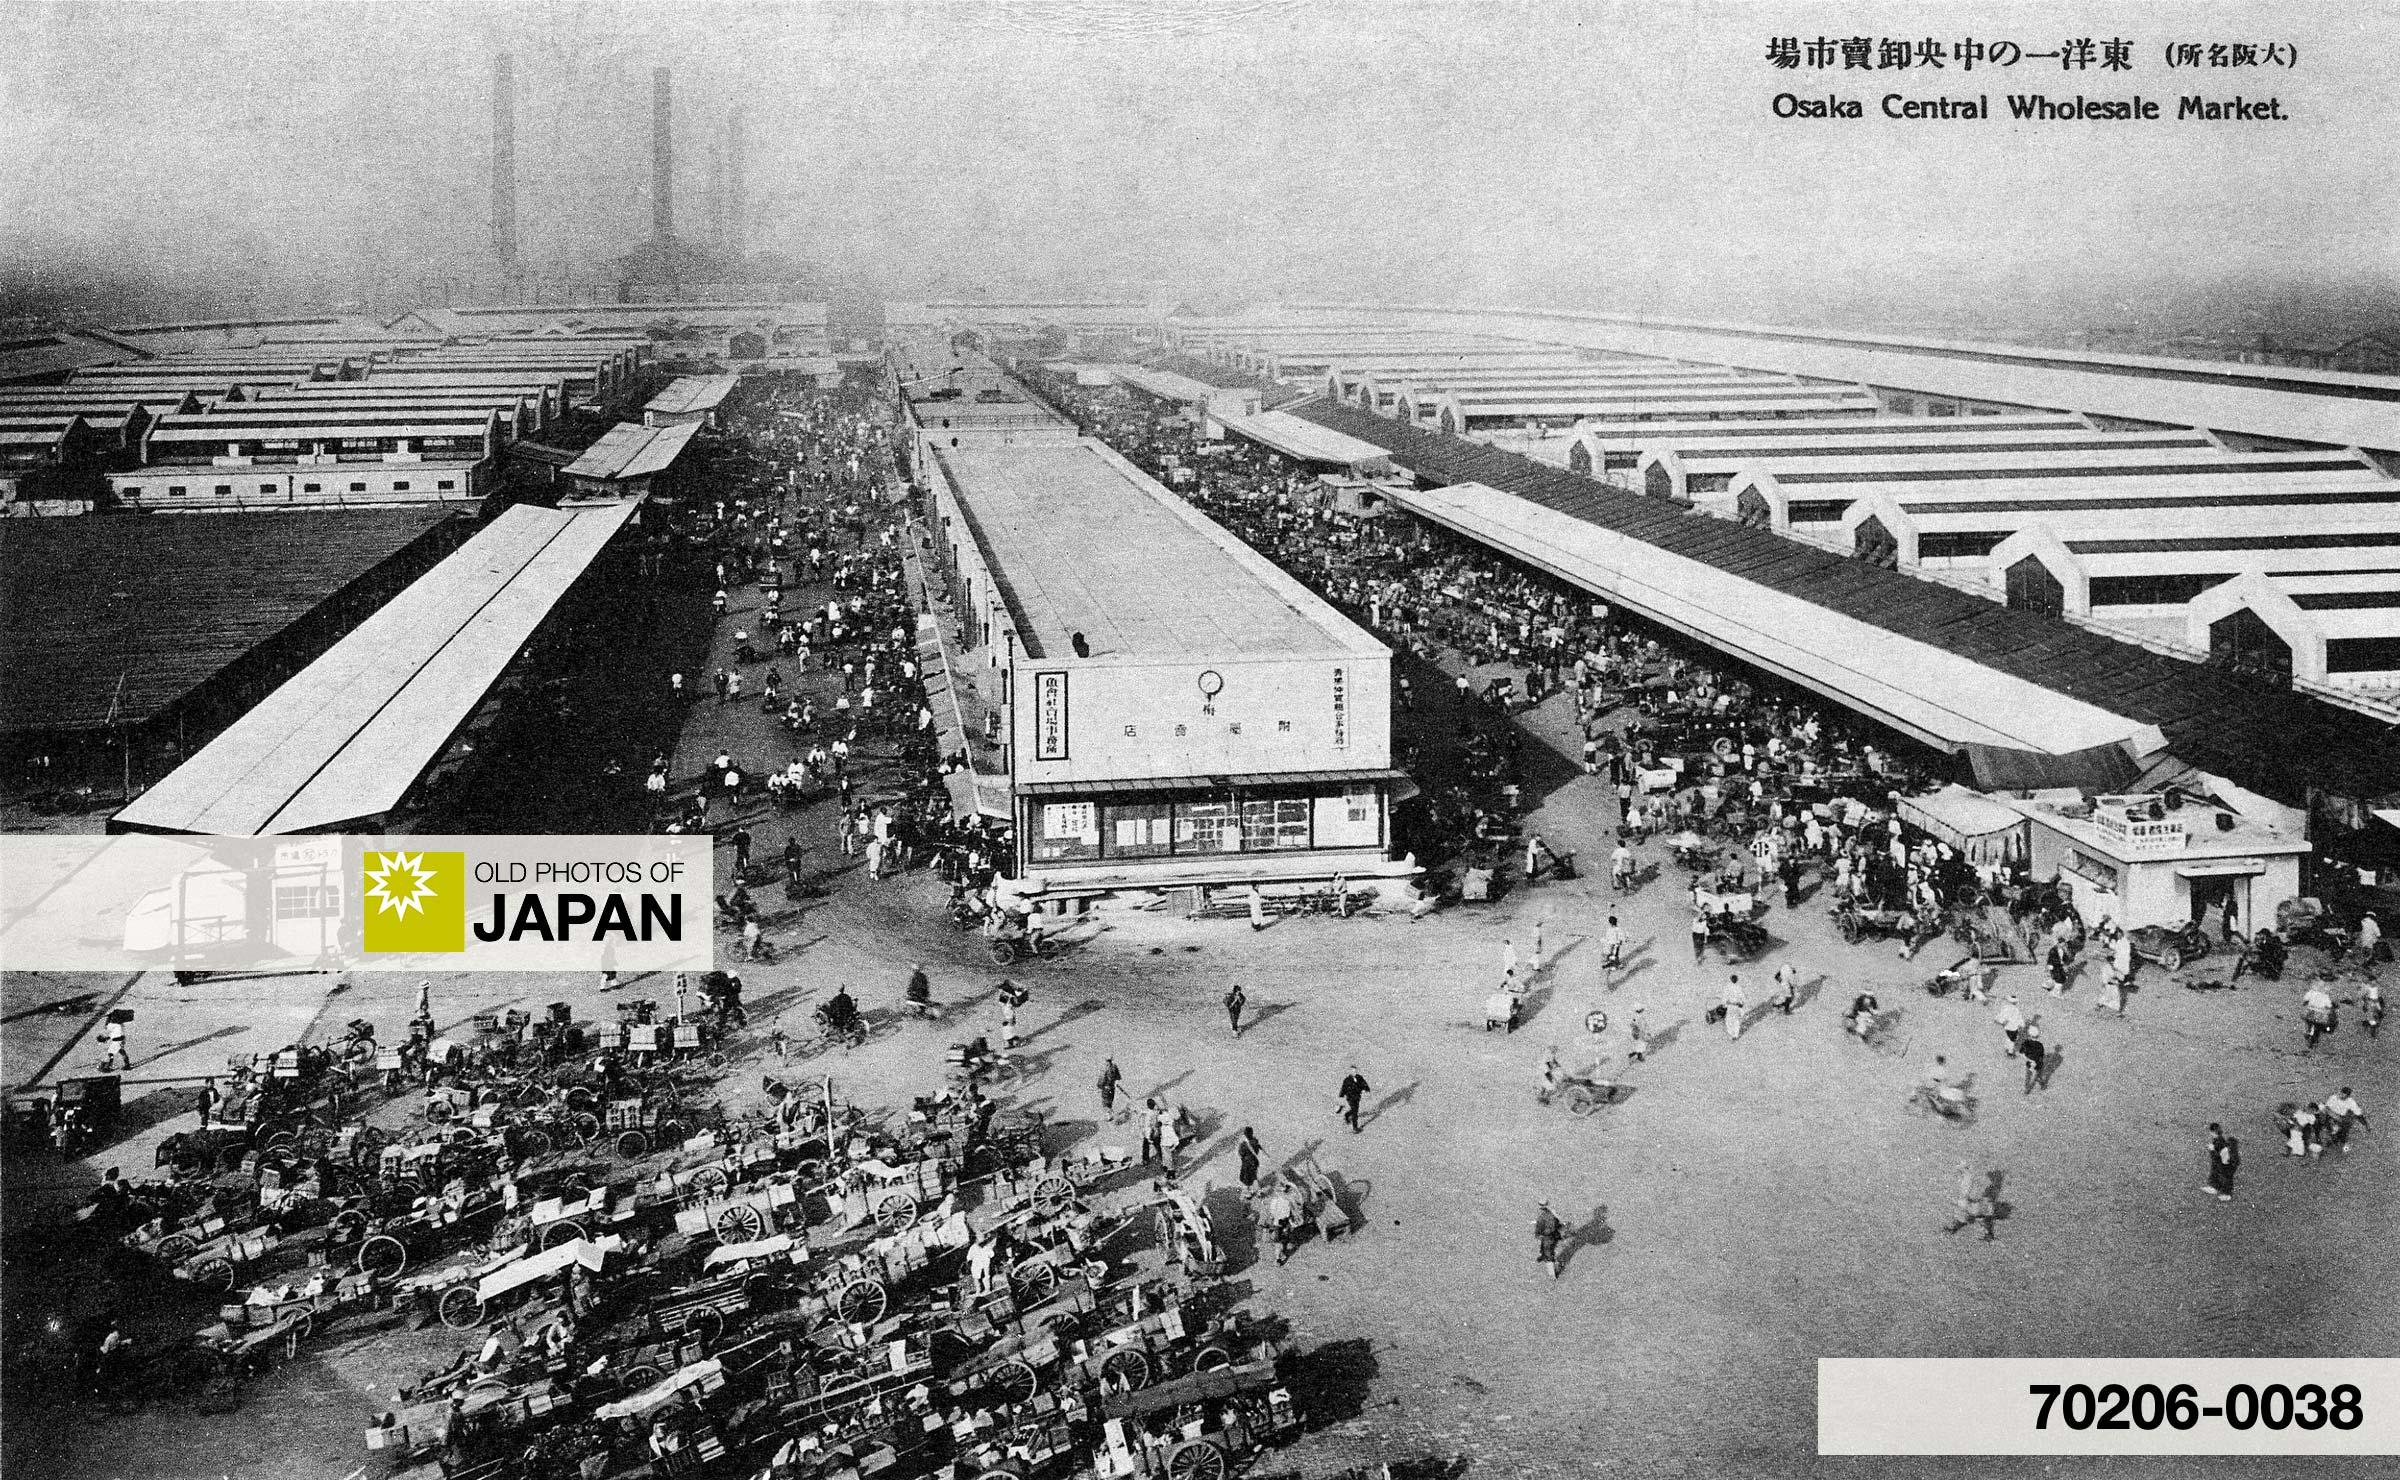 Osaka Central Wholesale Market